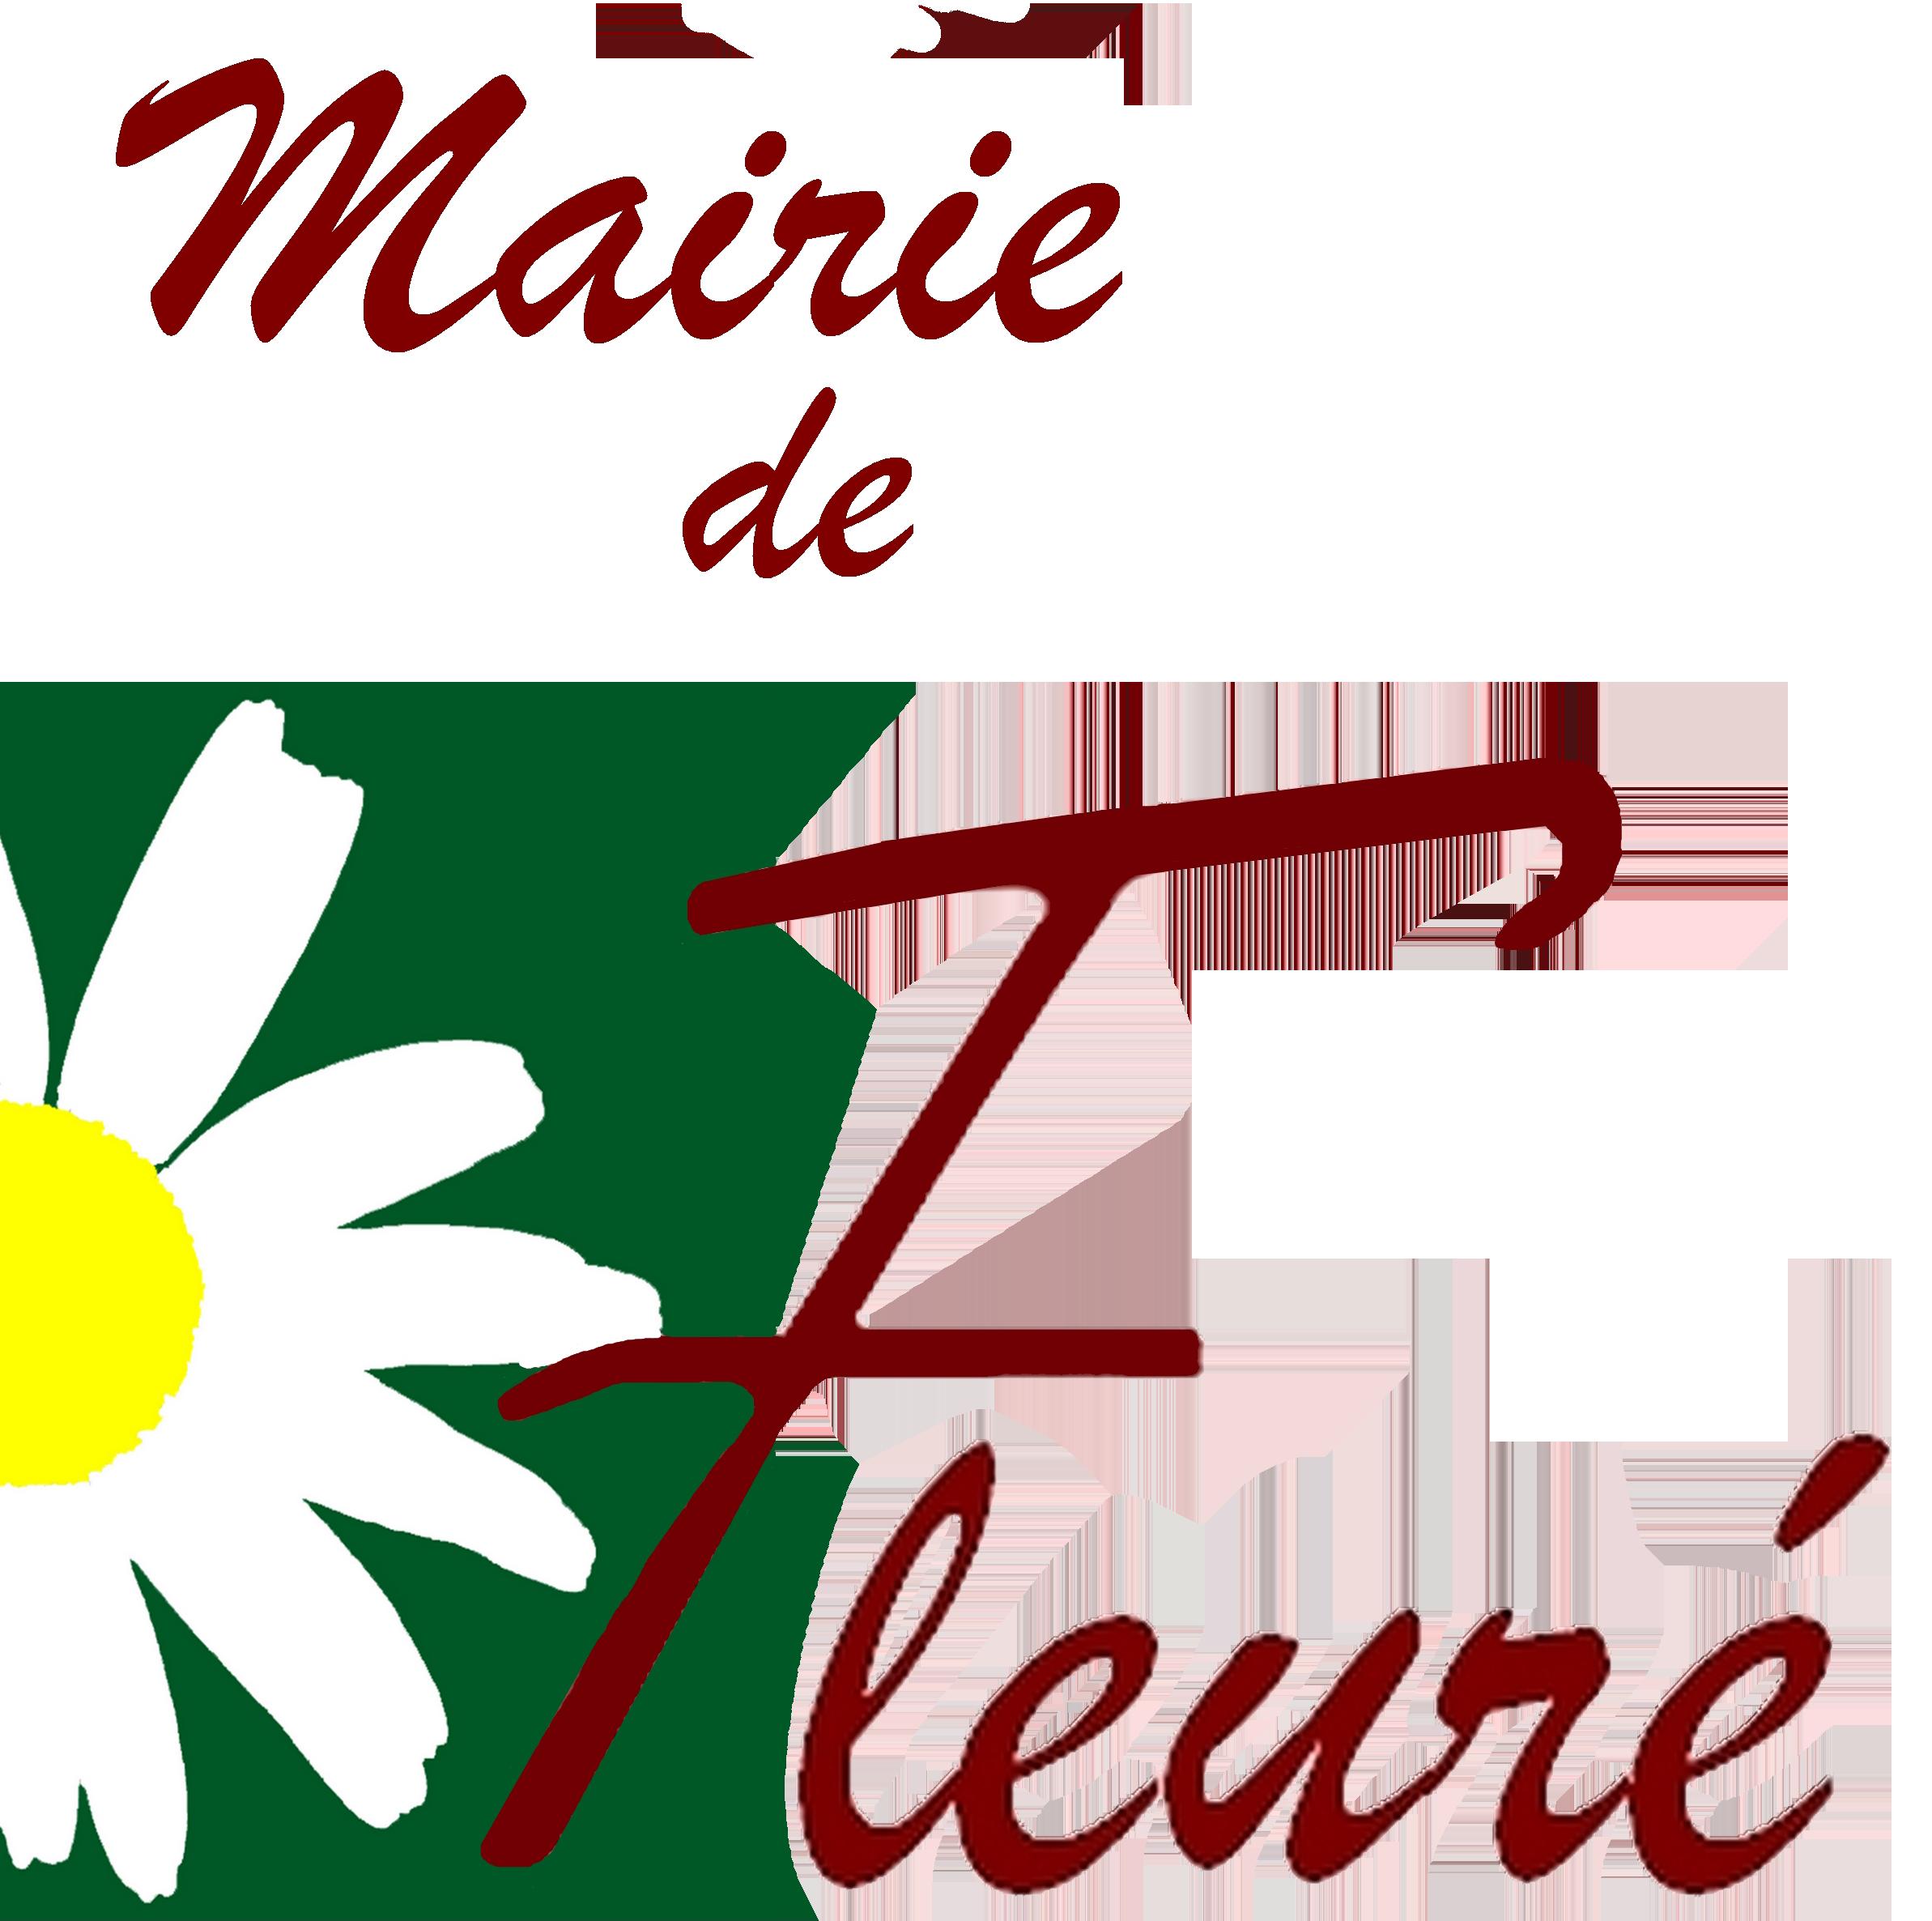 Fleuré (86340)